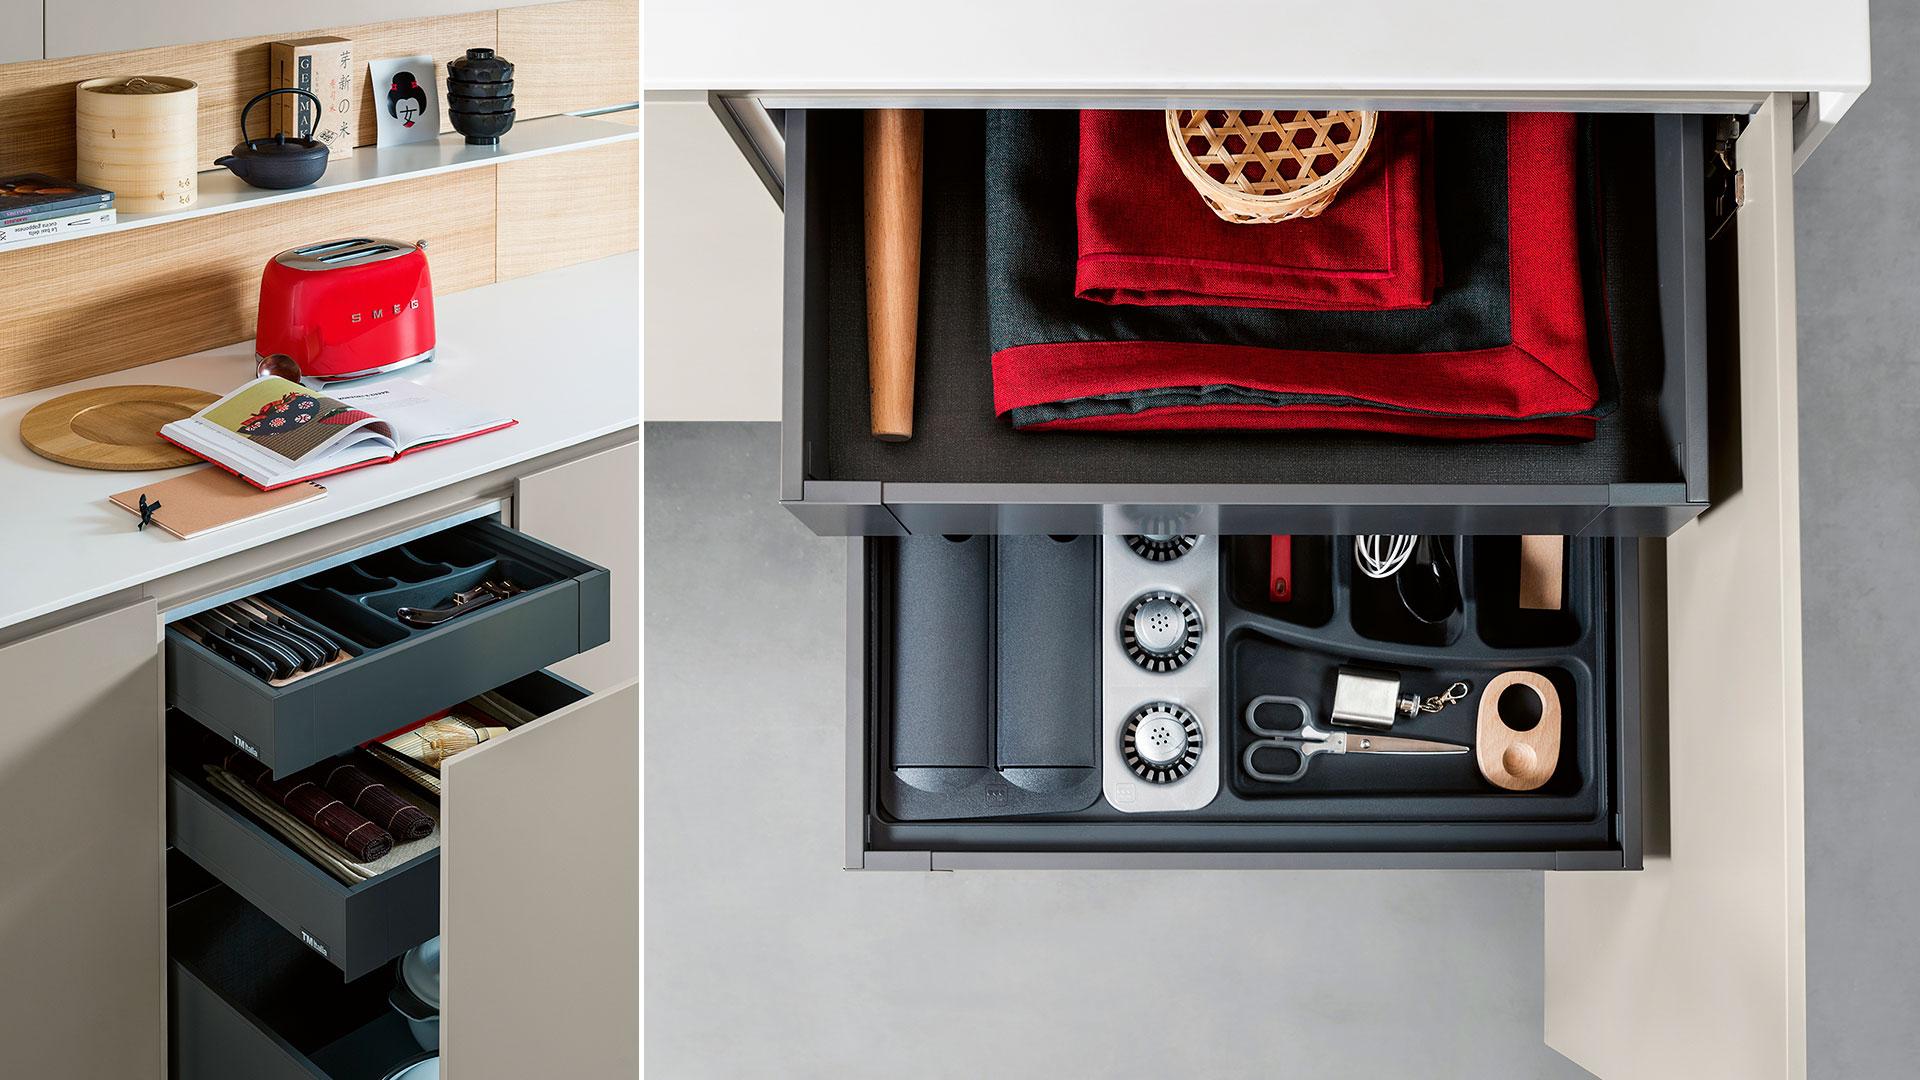 Freestanding modern kitchen in Corian | TM Italia 2018 Kitchens Collection - TM_CAT_K6_004